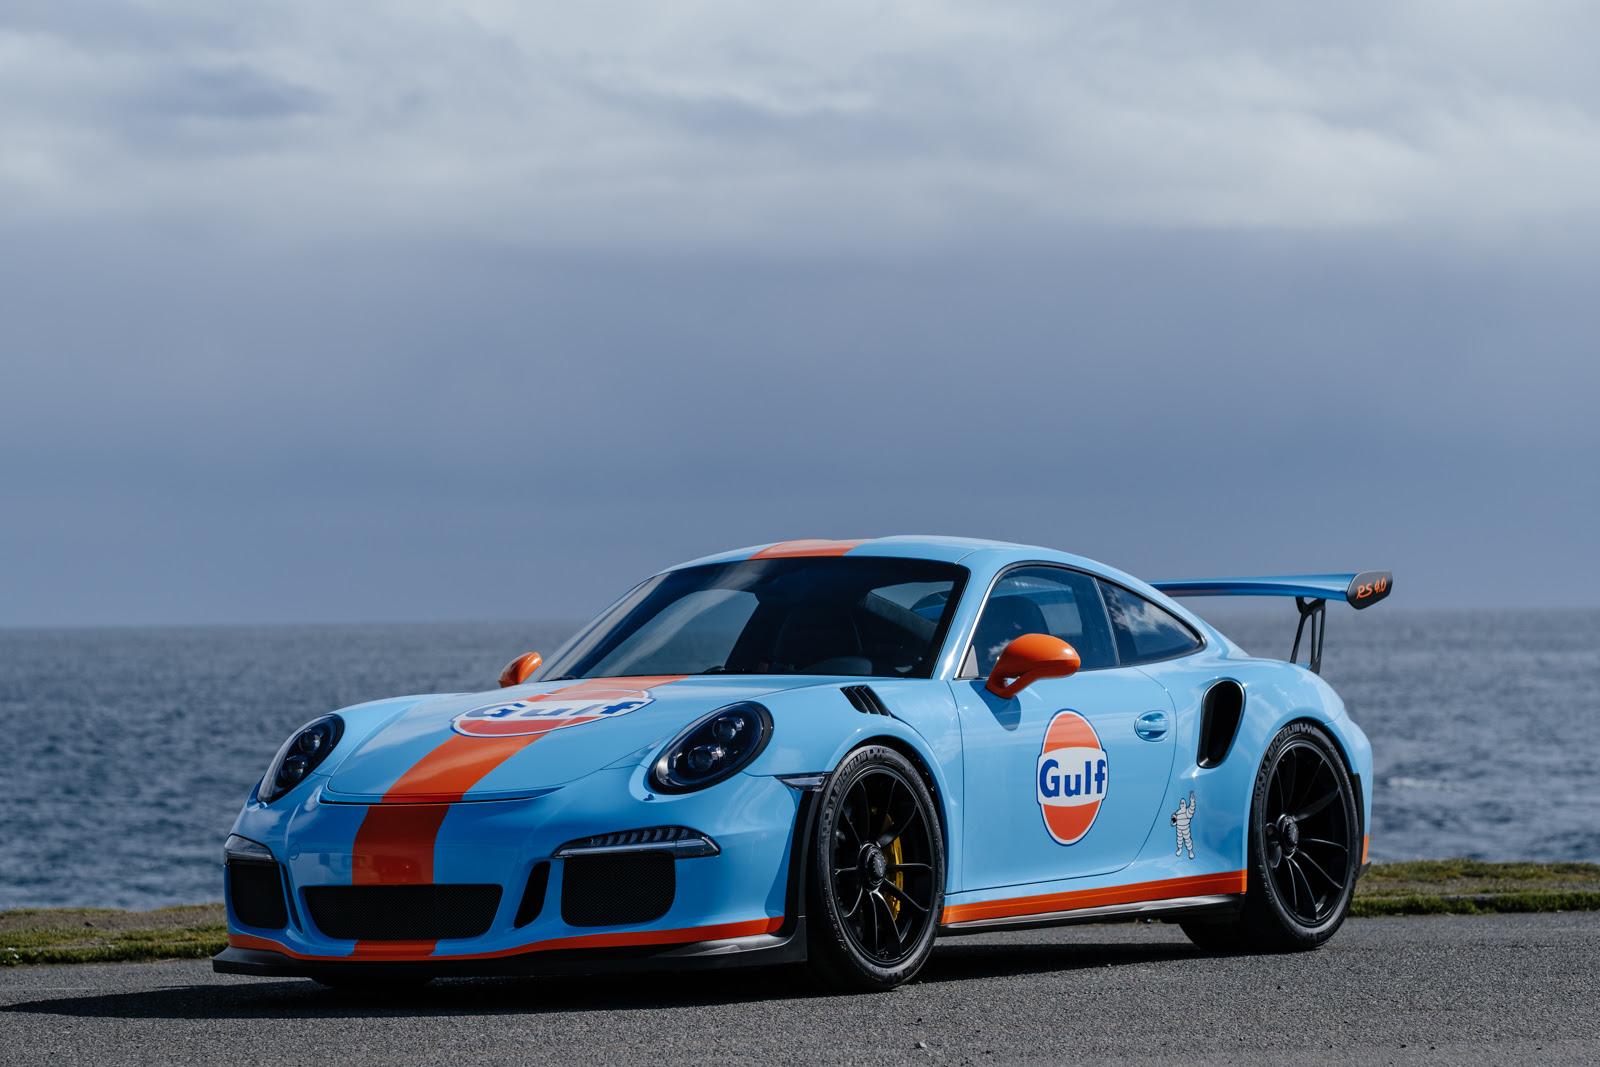 2016 Porsche 911 Gt3 Rs Gulf Livery Silver Arrow Cars Ltd